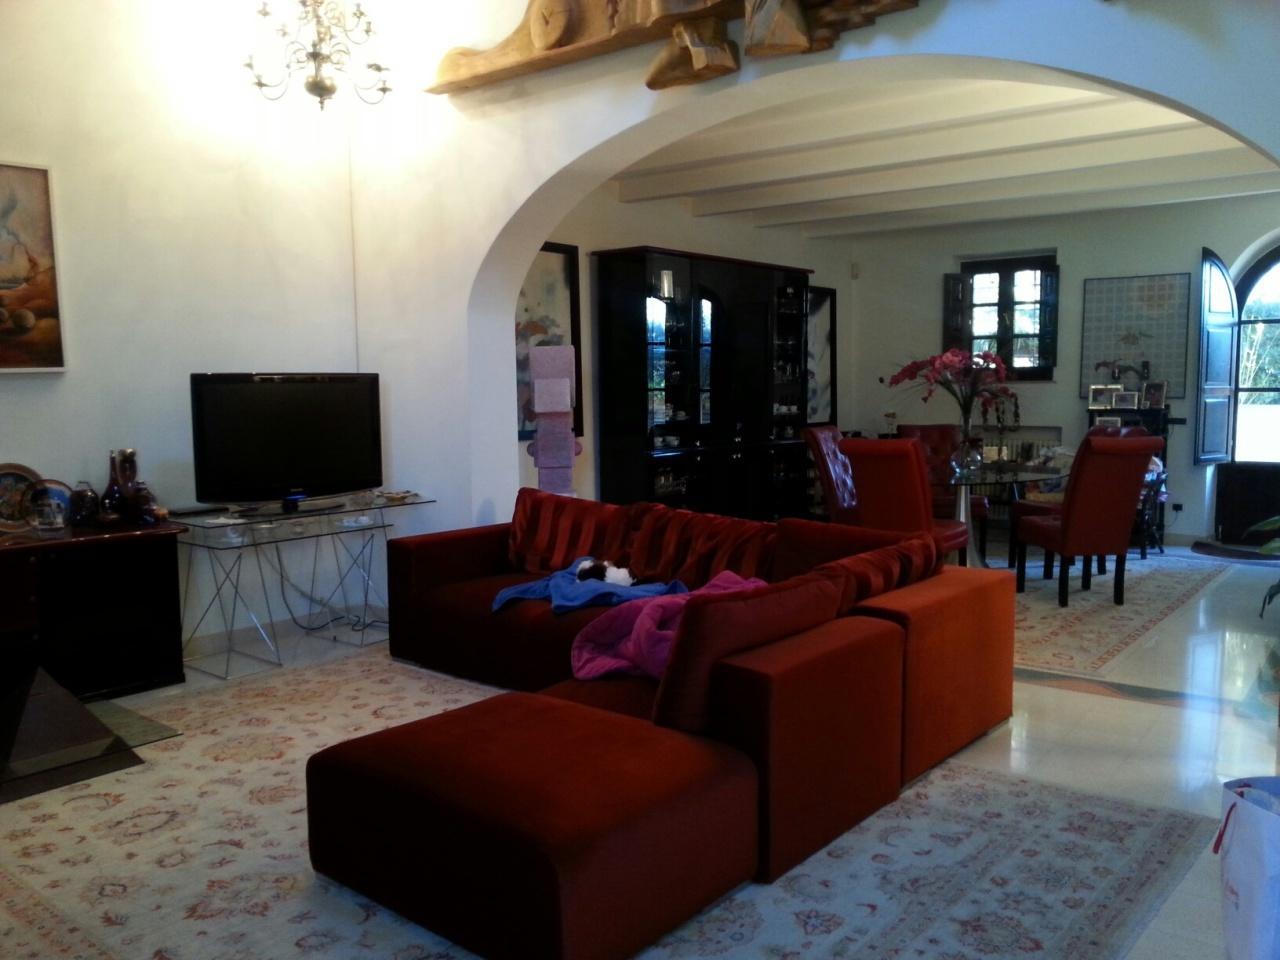 Rustico / Casale in vendita a Pisa, 10 locali, prezzo € 430.000 | Cambio Casa.it